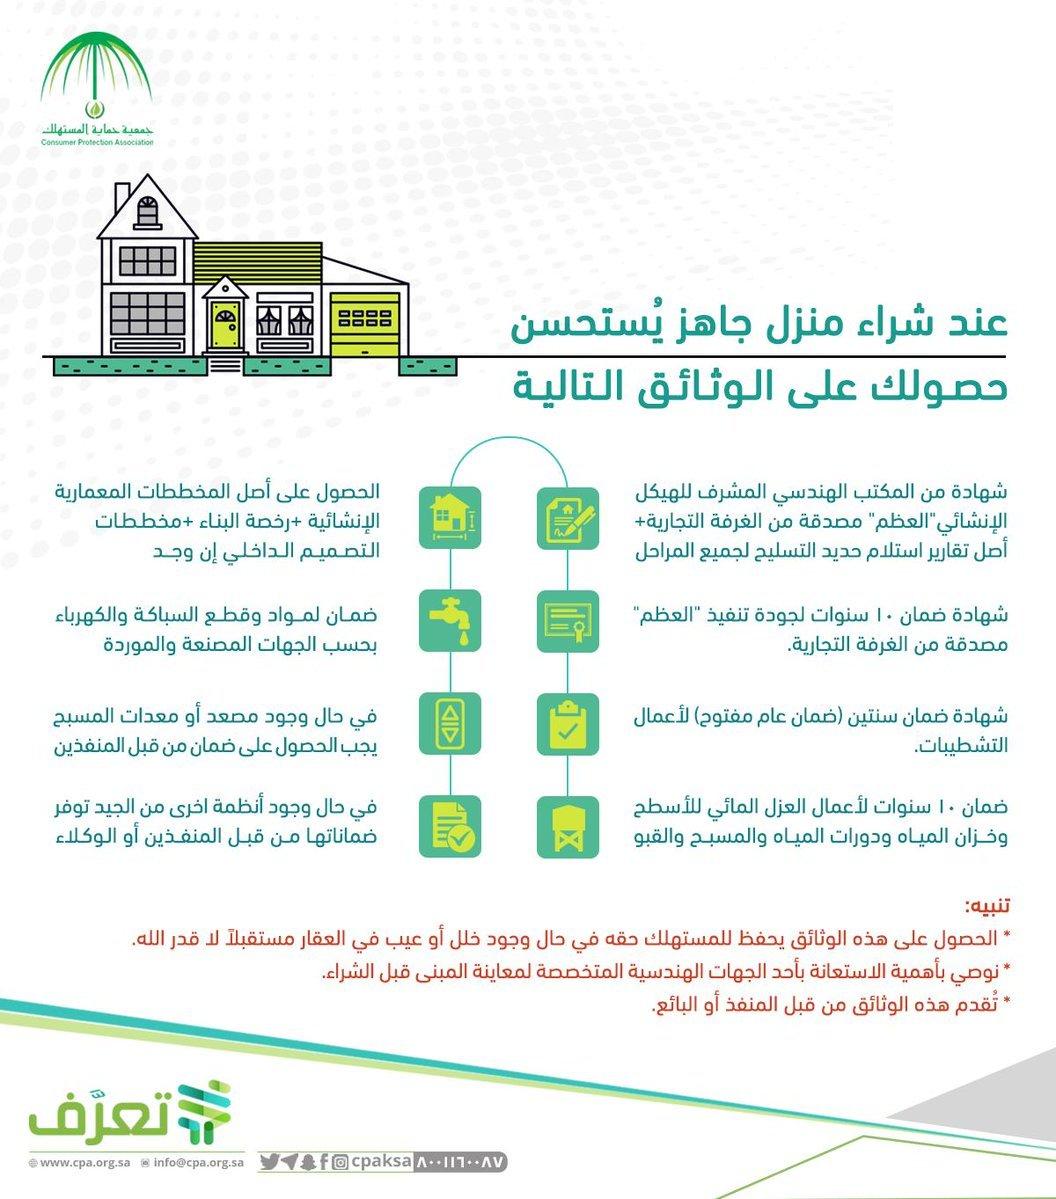 حماية المستهلك تقدم مجموعة إرشادات للوقاية من البيوت المغشوشة